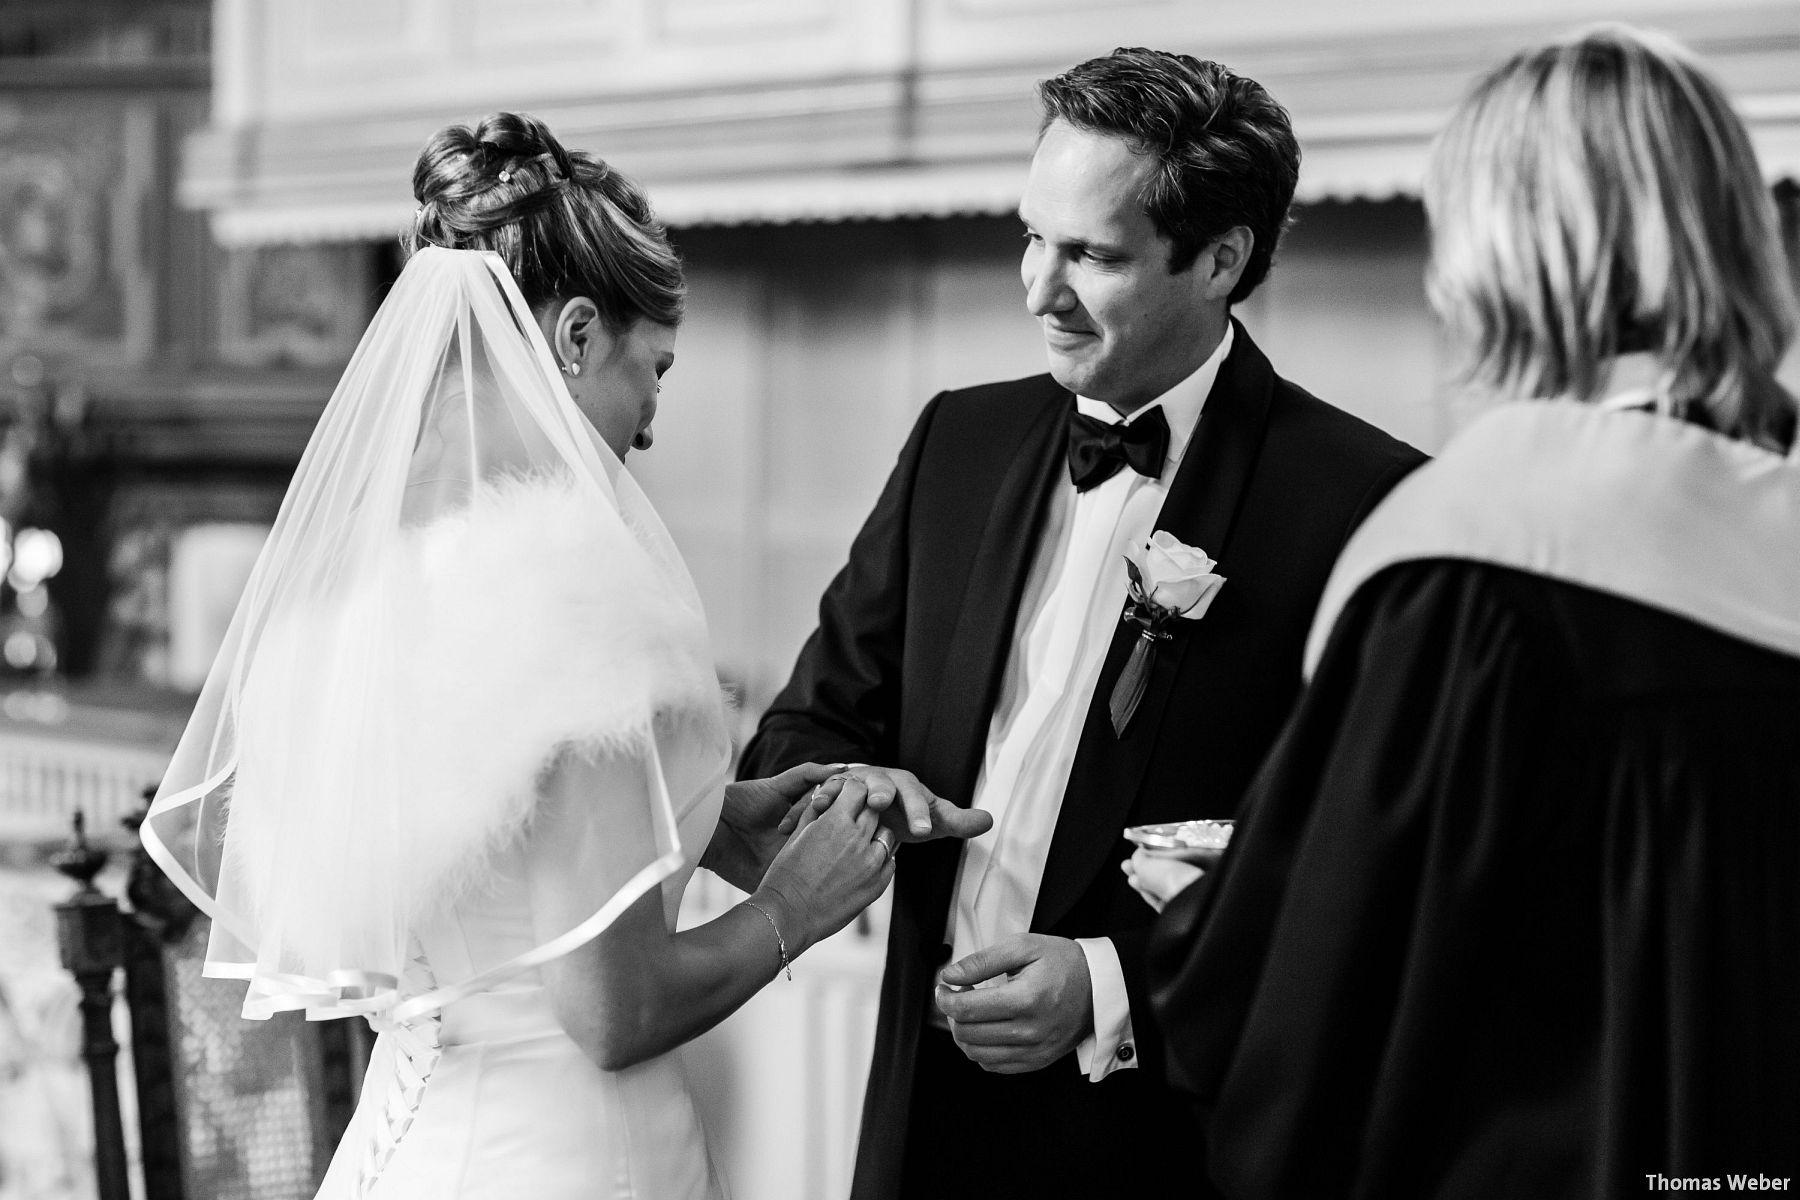 Hochzeitsfotograf Rastede: Kirchliche Trauung in der St. Ulrichs Kirche Rastede und Hochzeitsfeier in der Eventscheune St Georg Rastede mit dem Catering von Split Food (Michael Niebuhr) aus Oldenburg (27)